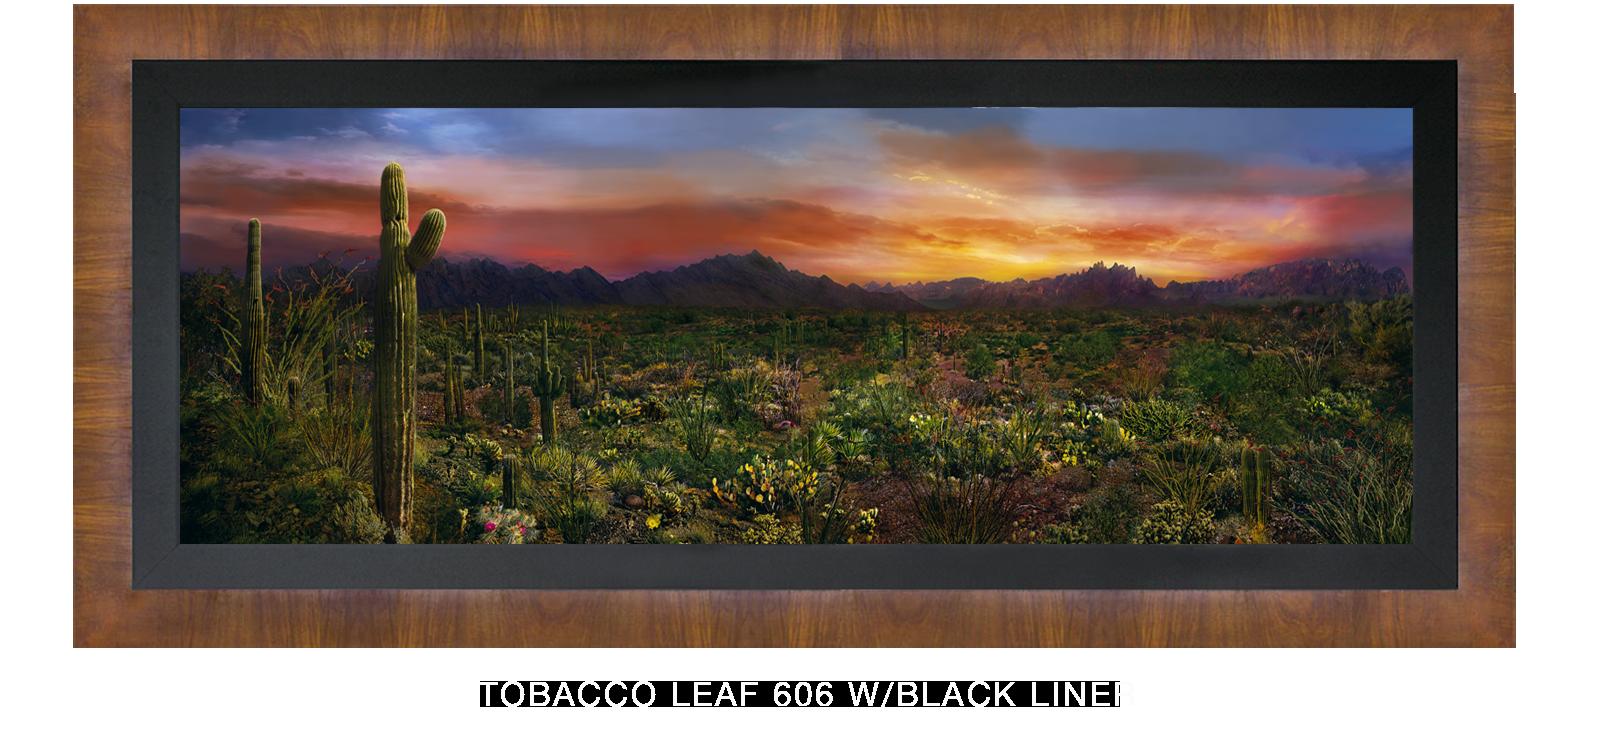 23EDEN VERNALIS Tobacco Leaf 606 w_Blk Liner T2